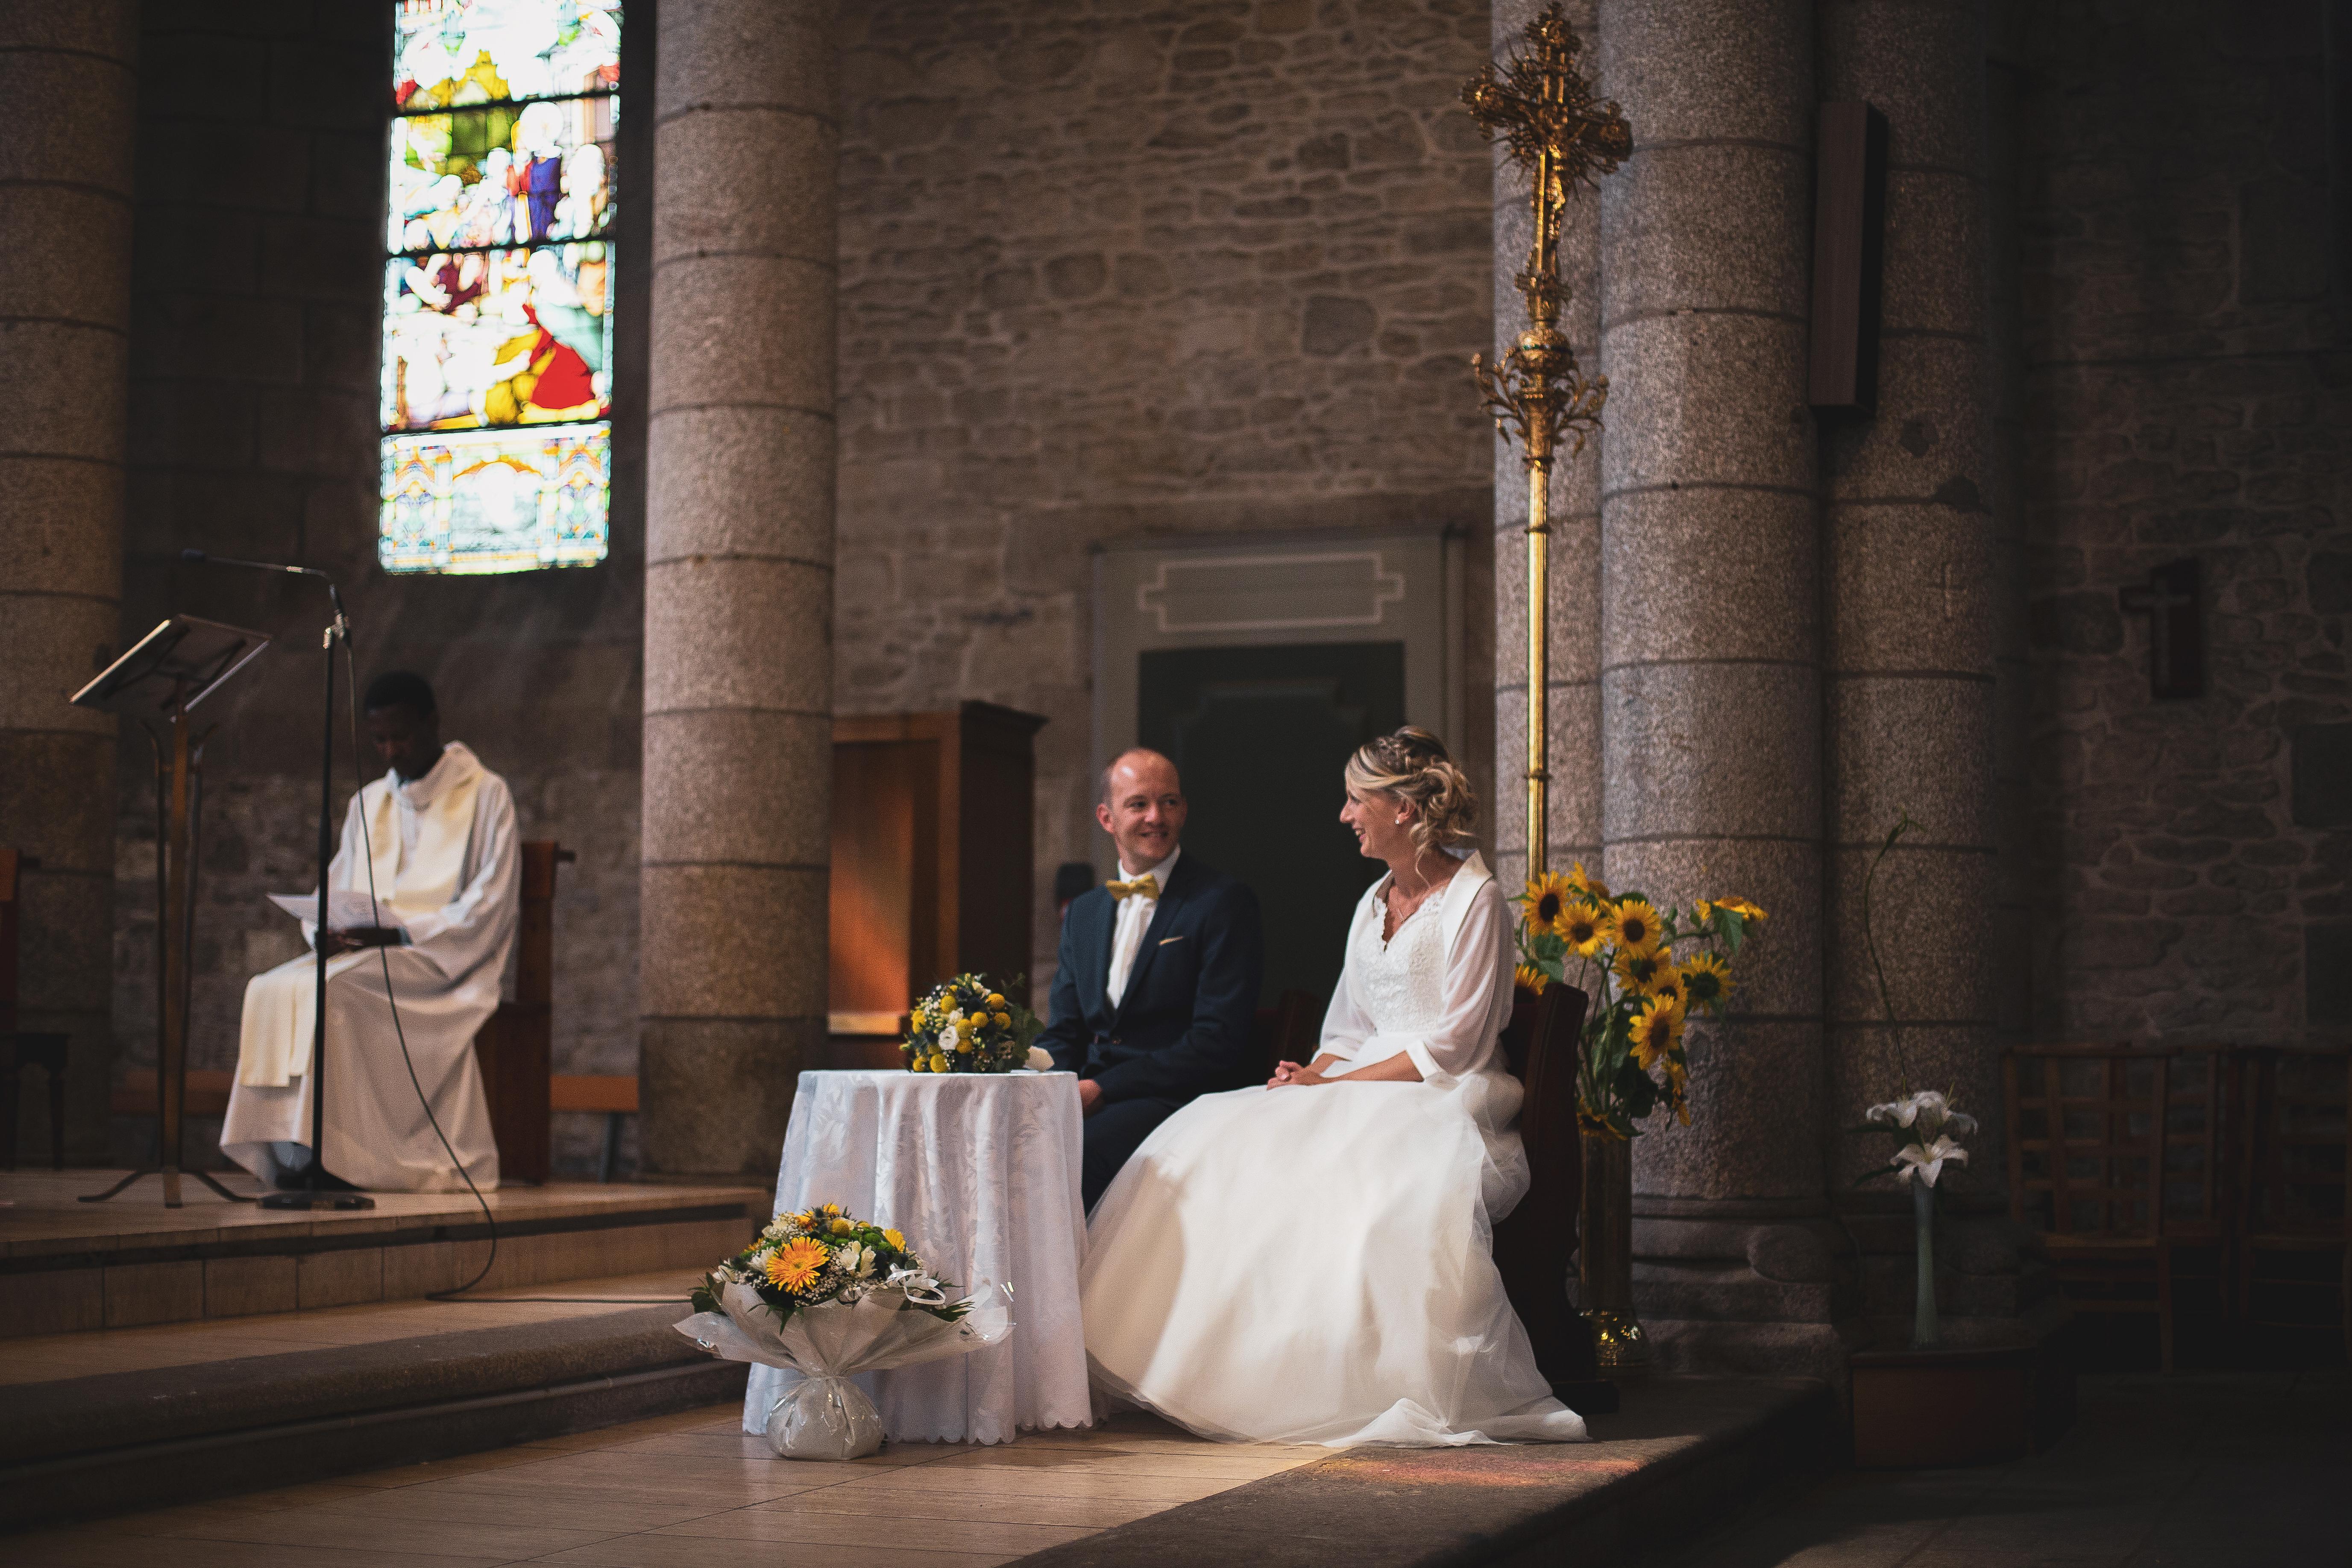 Jeunes mariés se regardant lors de leur cérémonie religieuse à Brest